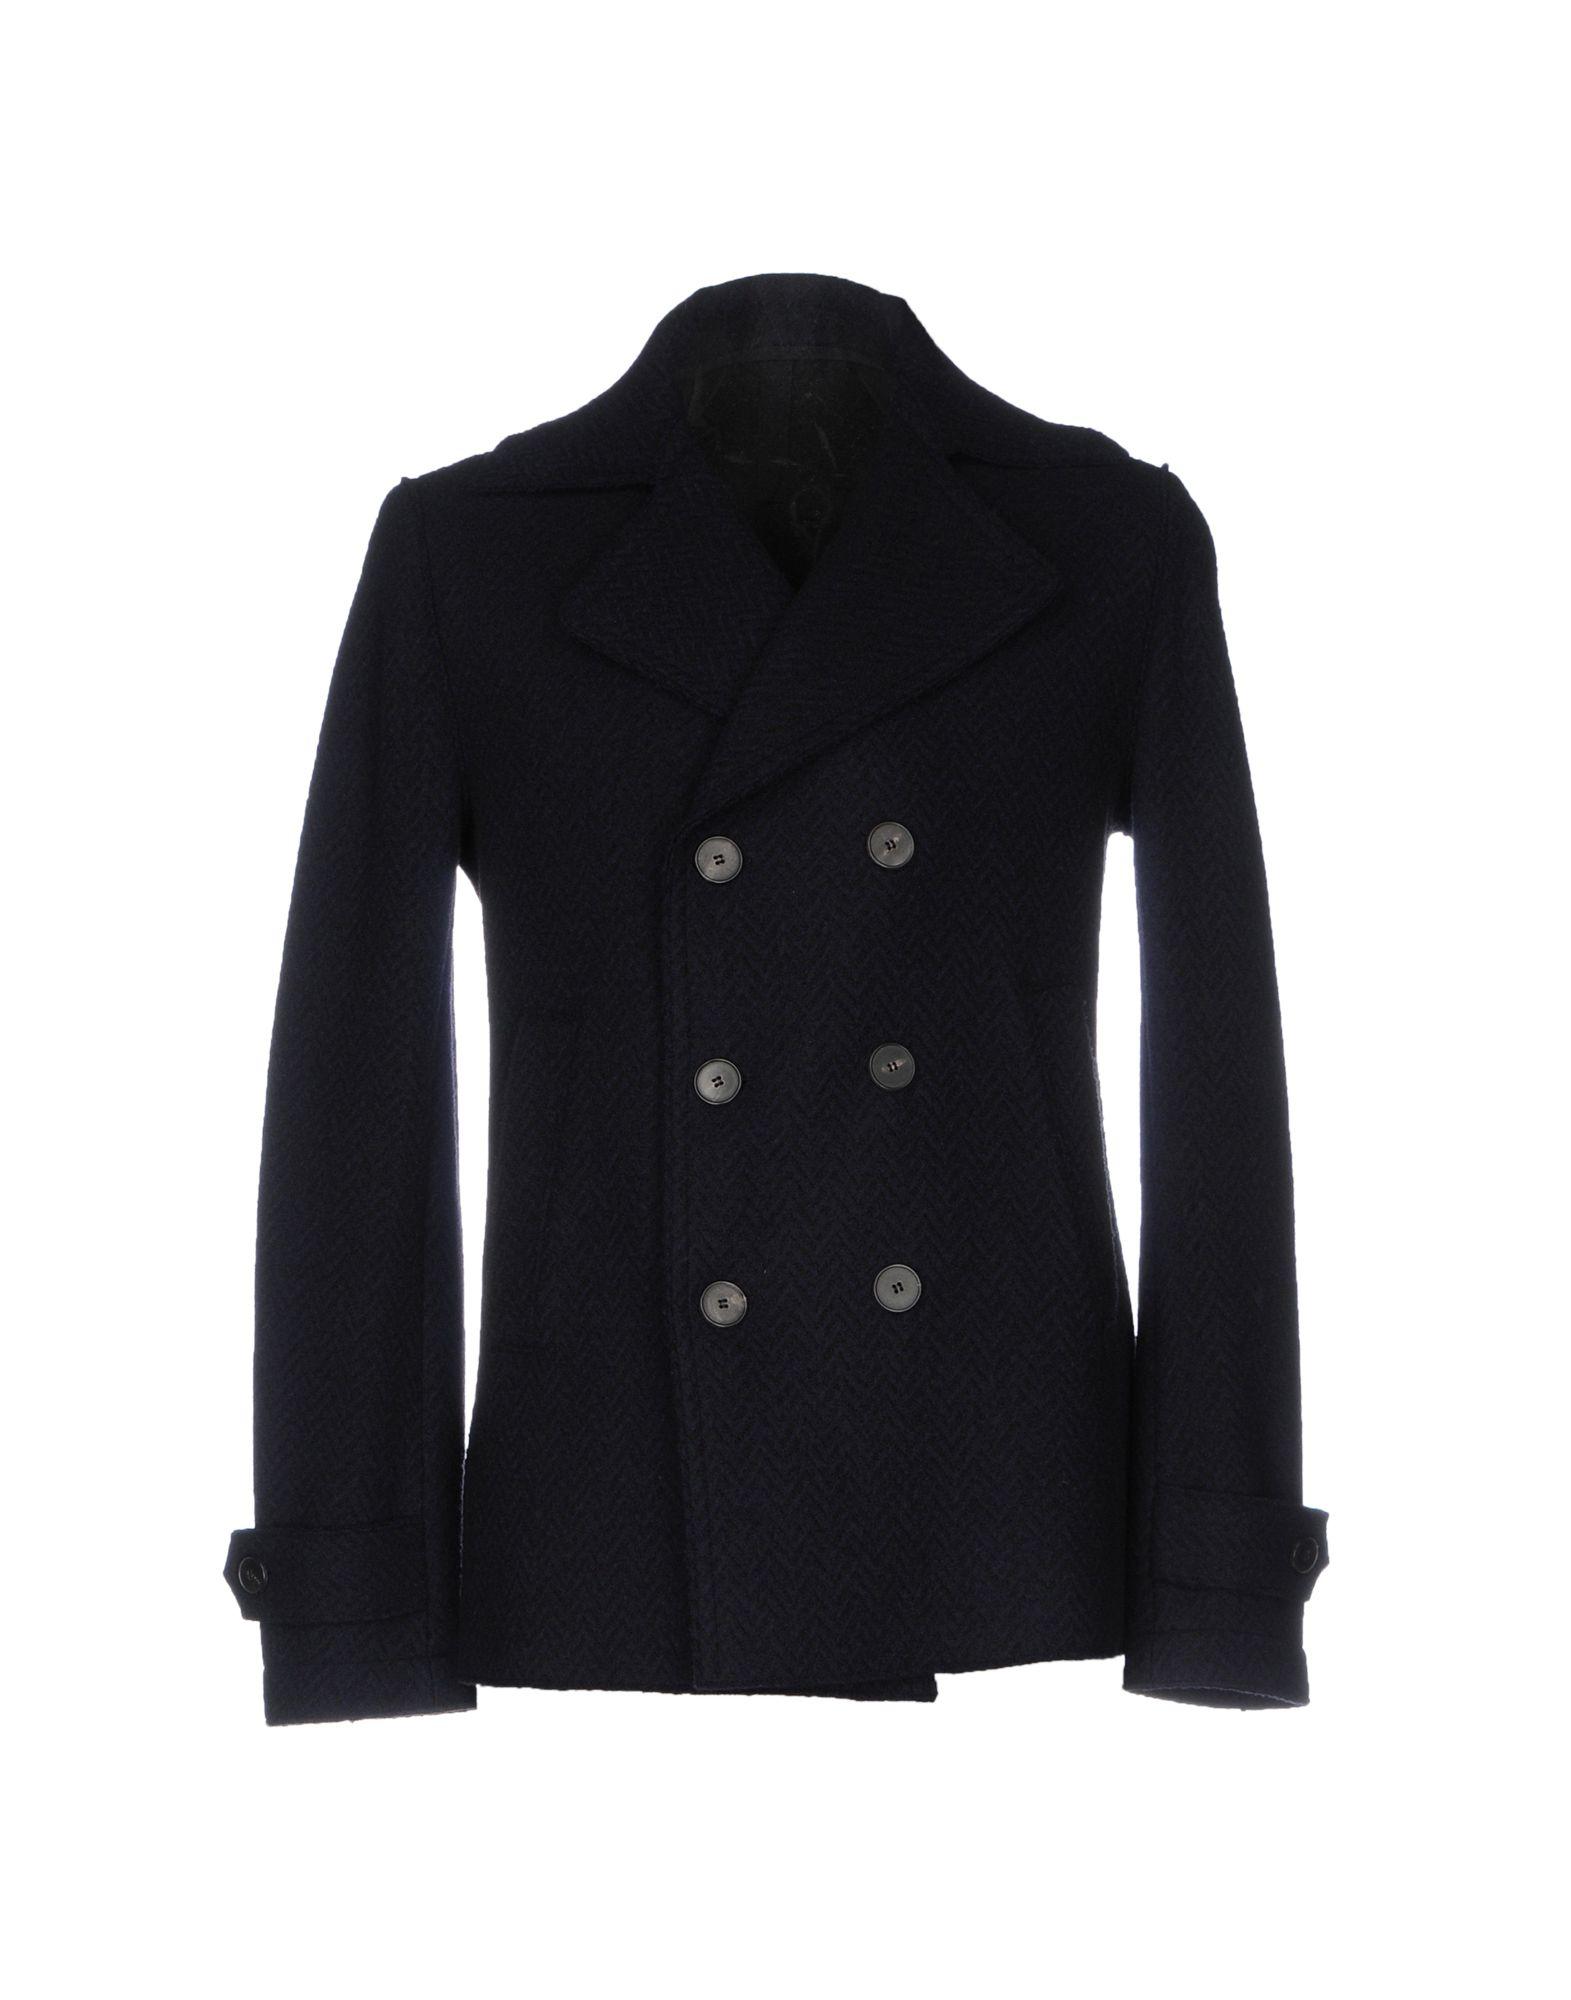 HARRIS WHARF LONDON Пальто полуприлегающее пальто с натуральным мехом visconf